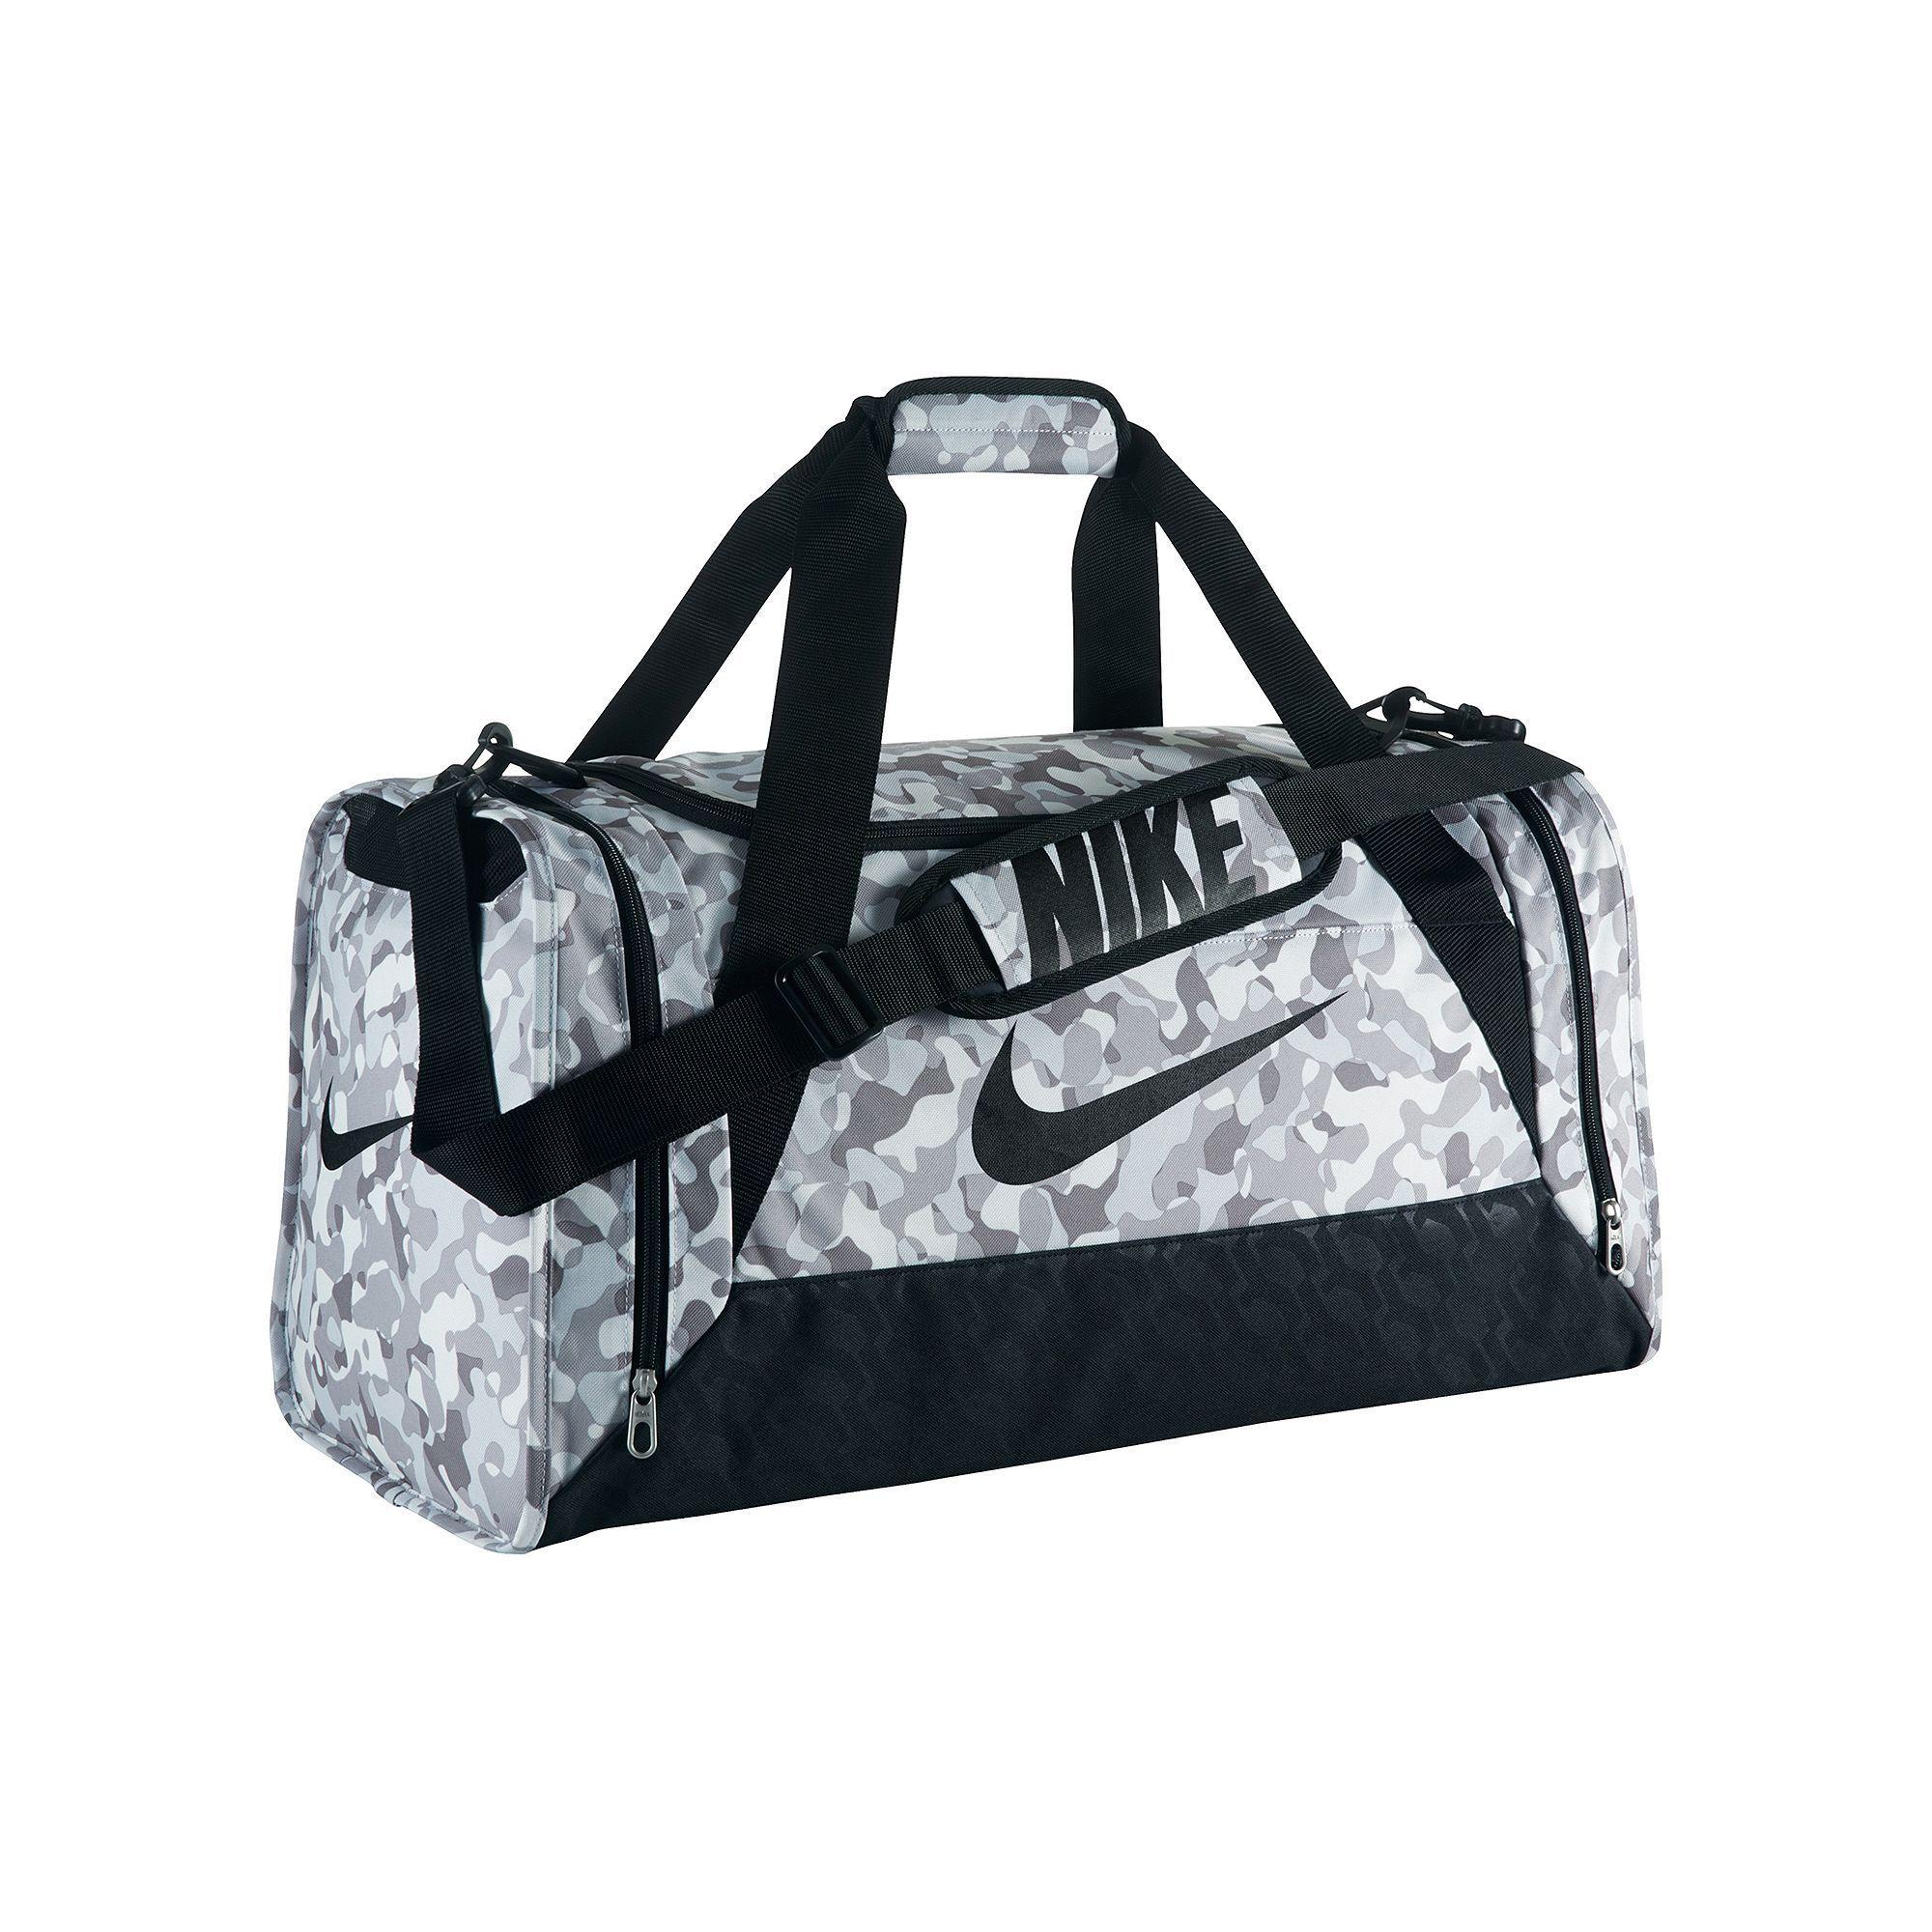 Duffel Bags Nike Brasilia 6 Duffel Bag Nike Brasilia